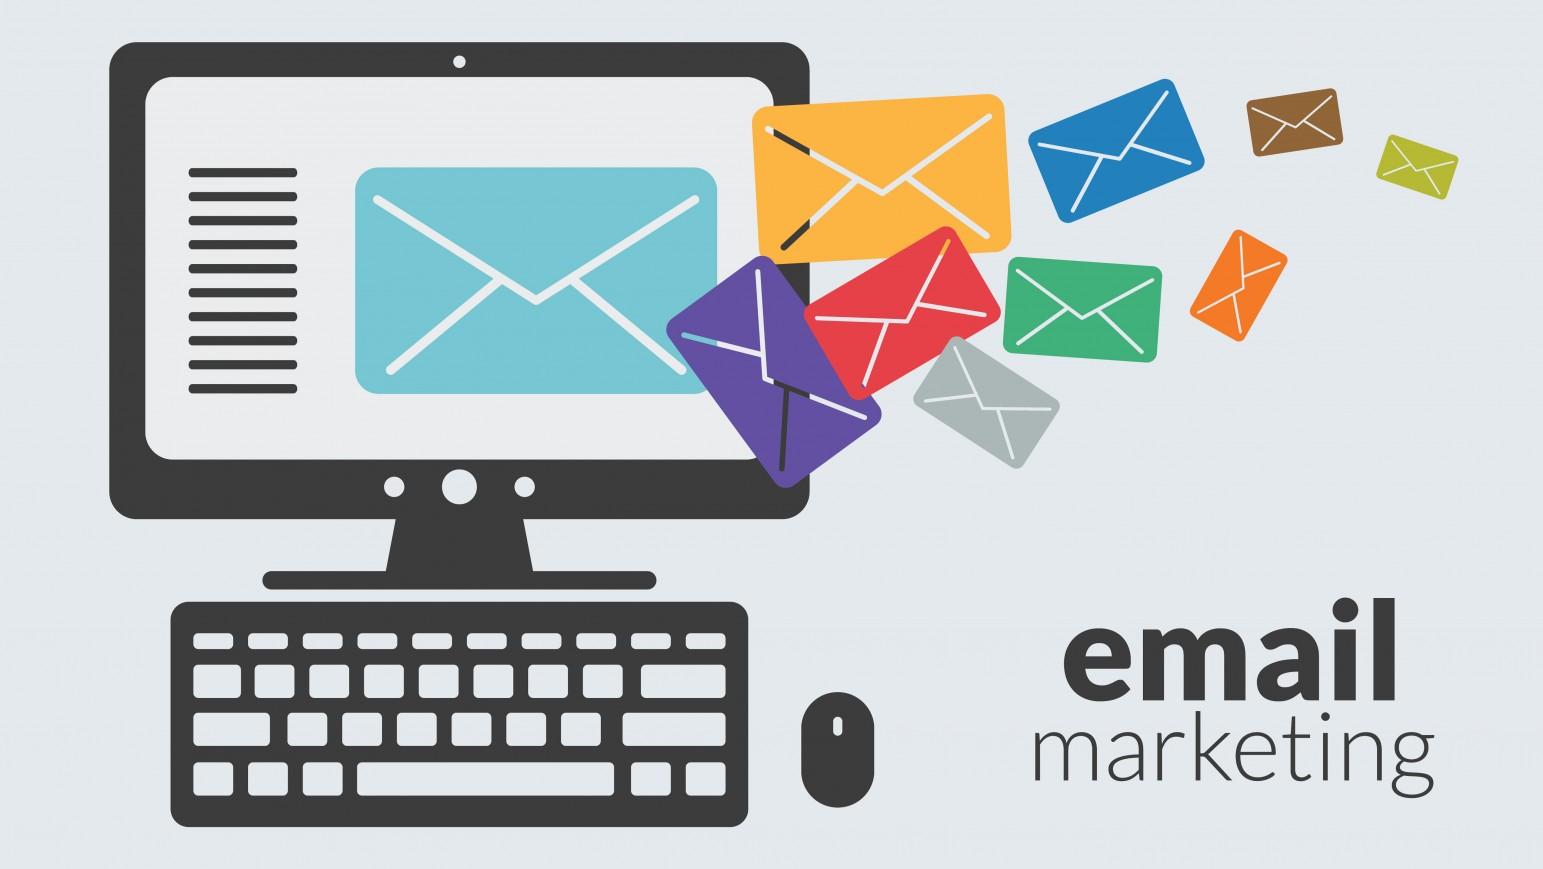 bi9_e-mail-marketing.jpg